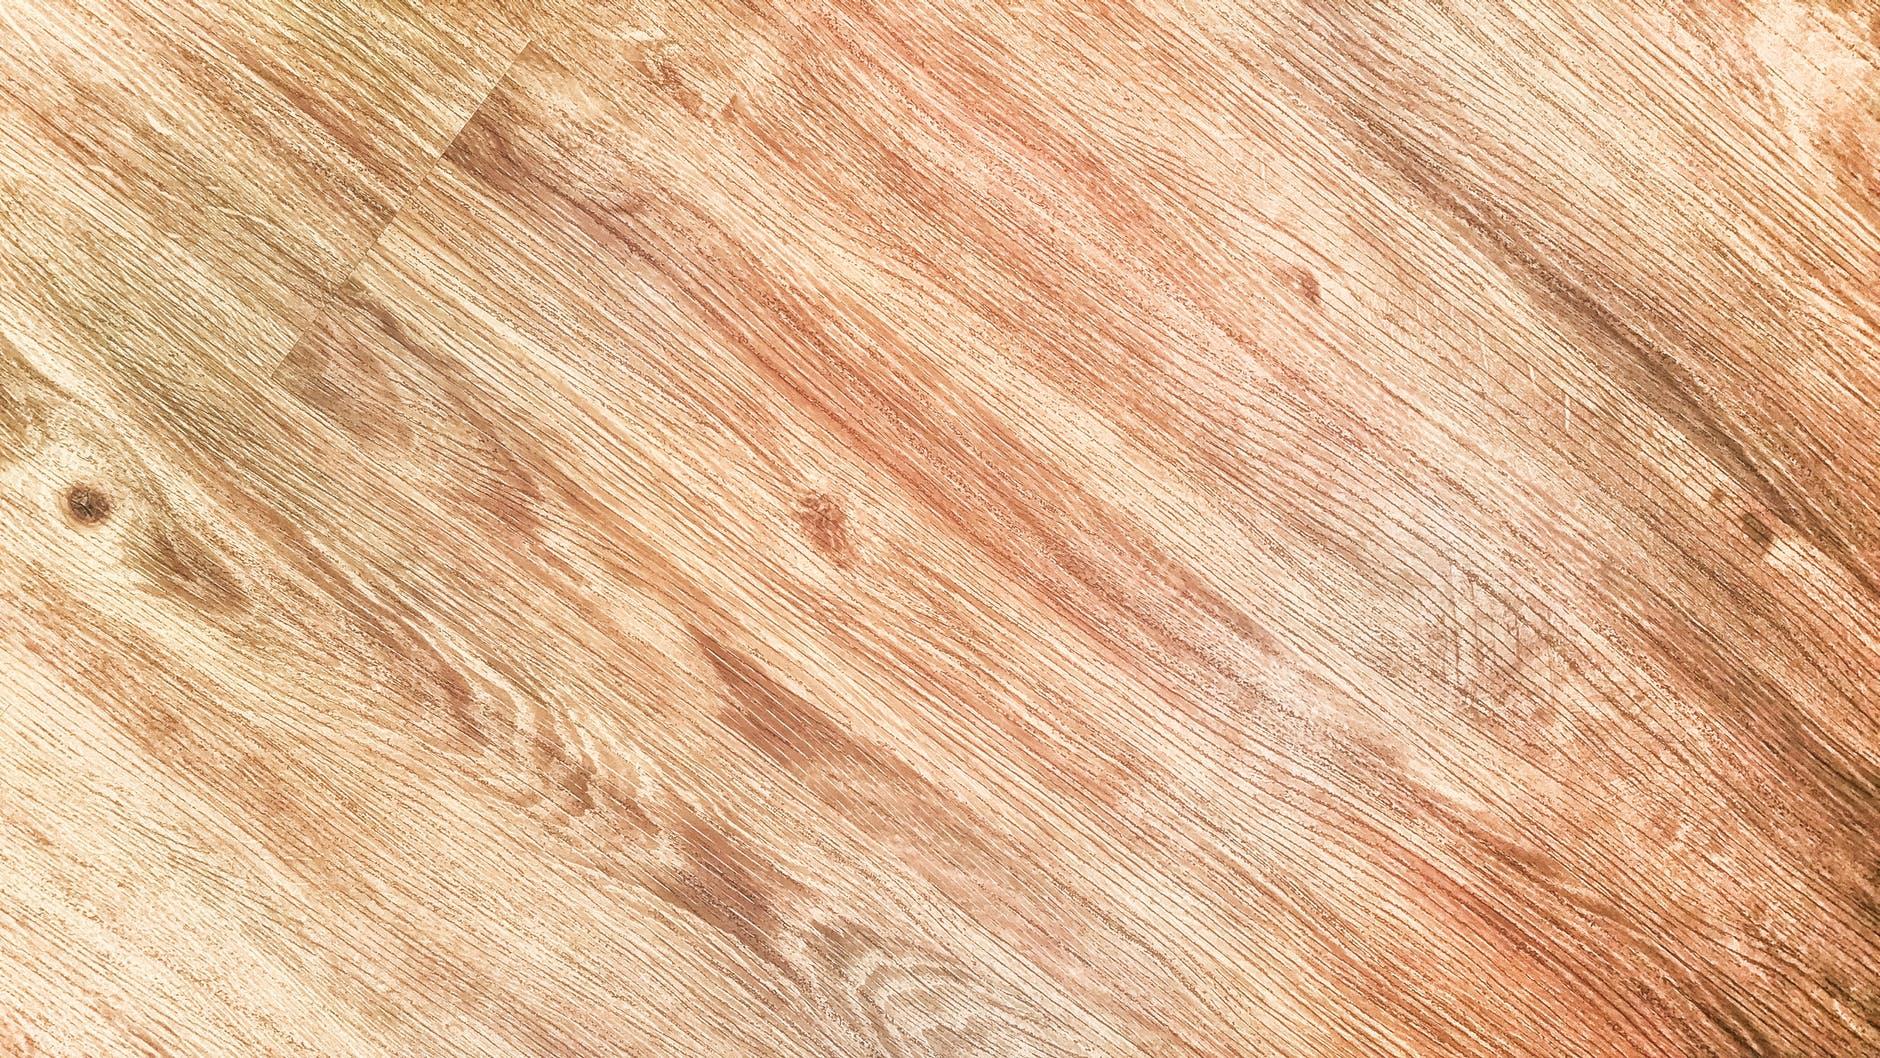 Strojní oprava dřevěných podlah